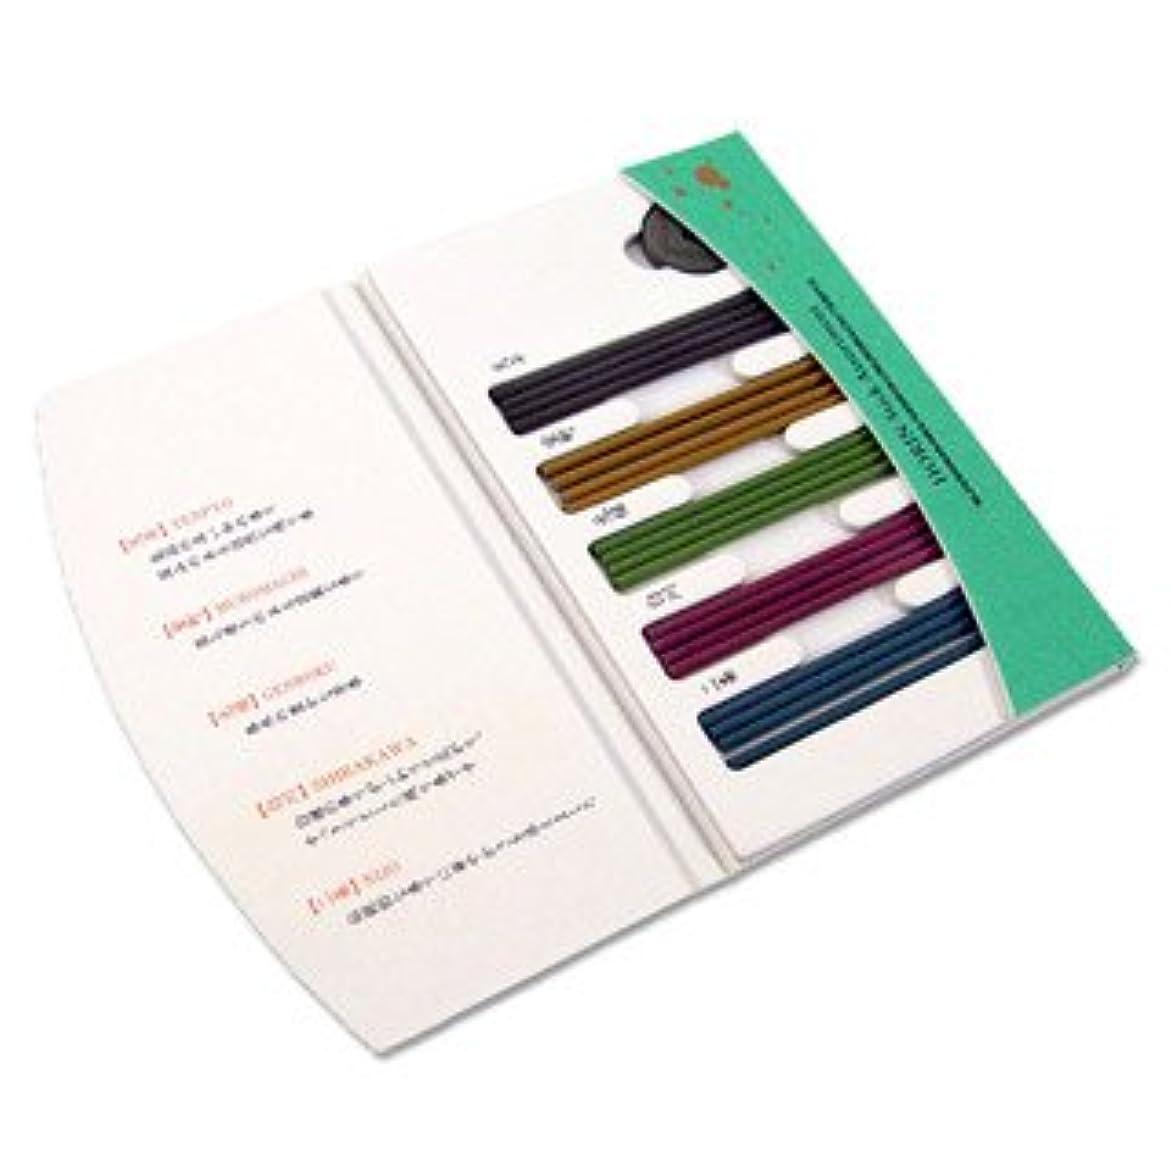 誤解を招くメタリック誇りShoyeido's Horin Incense Assortment - 20 Sticks, New.